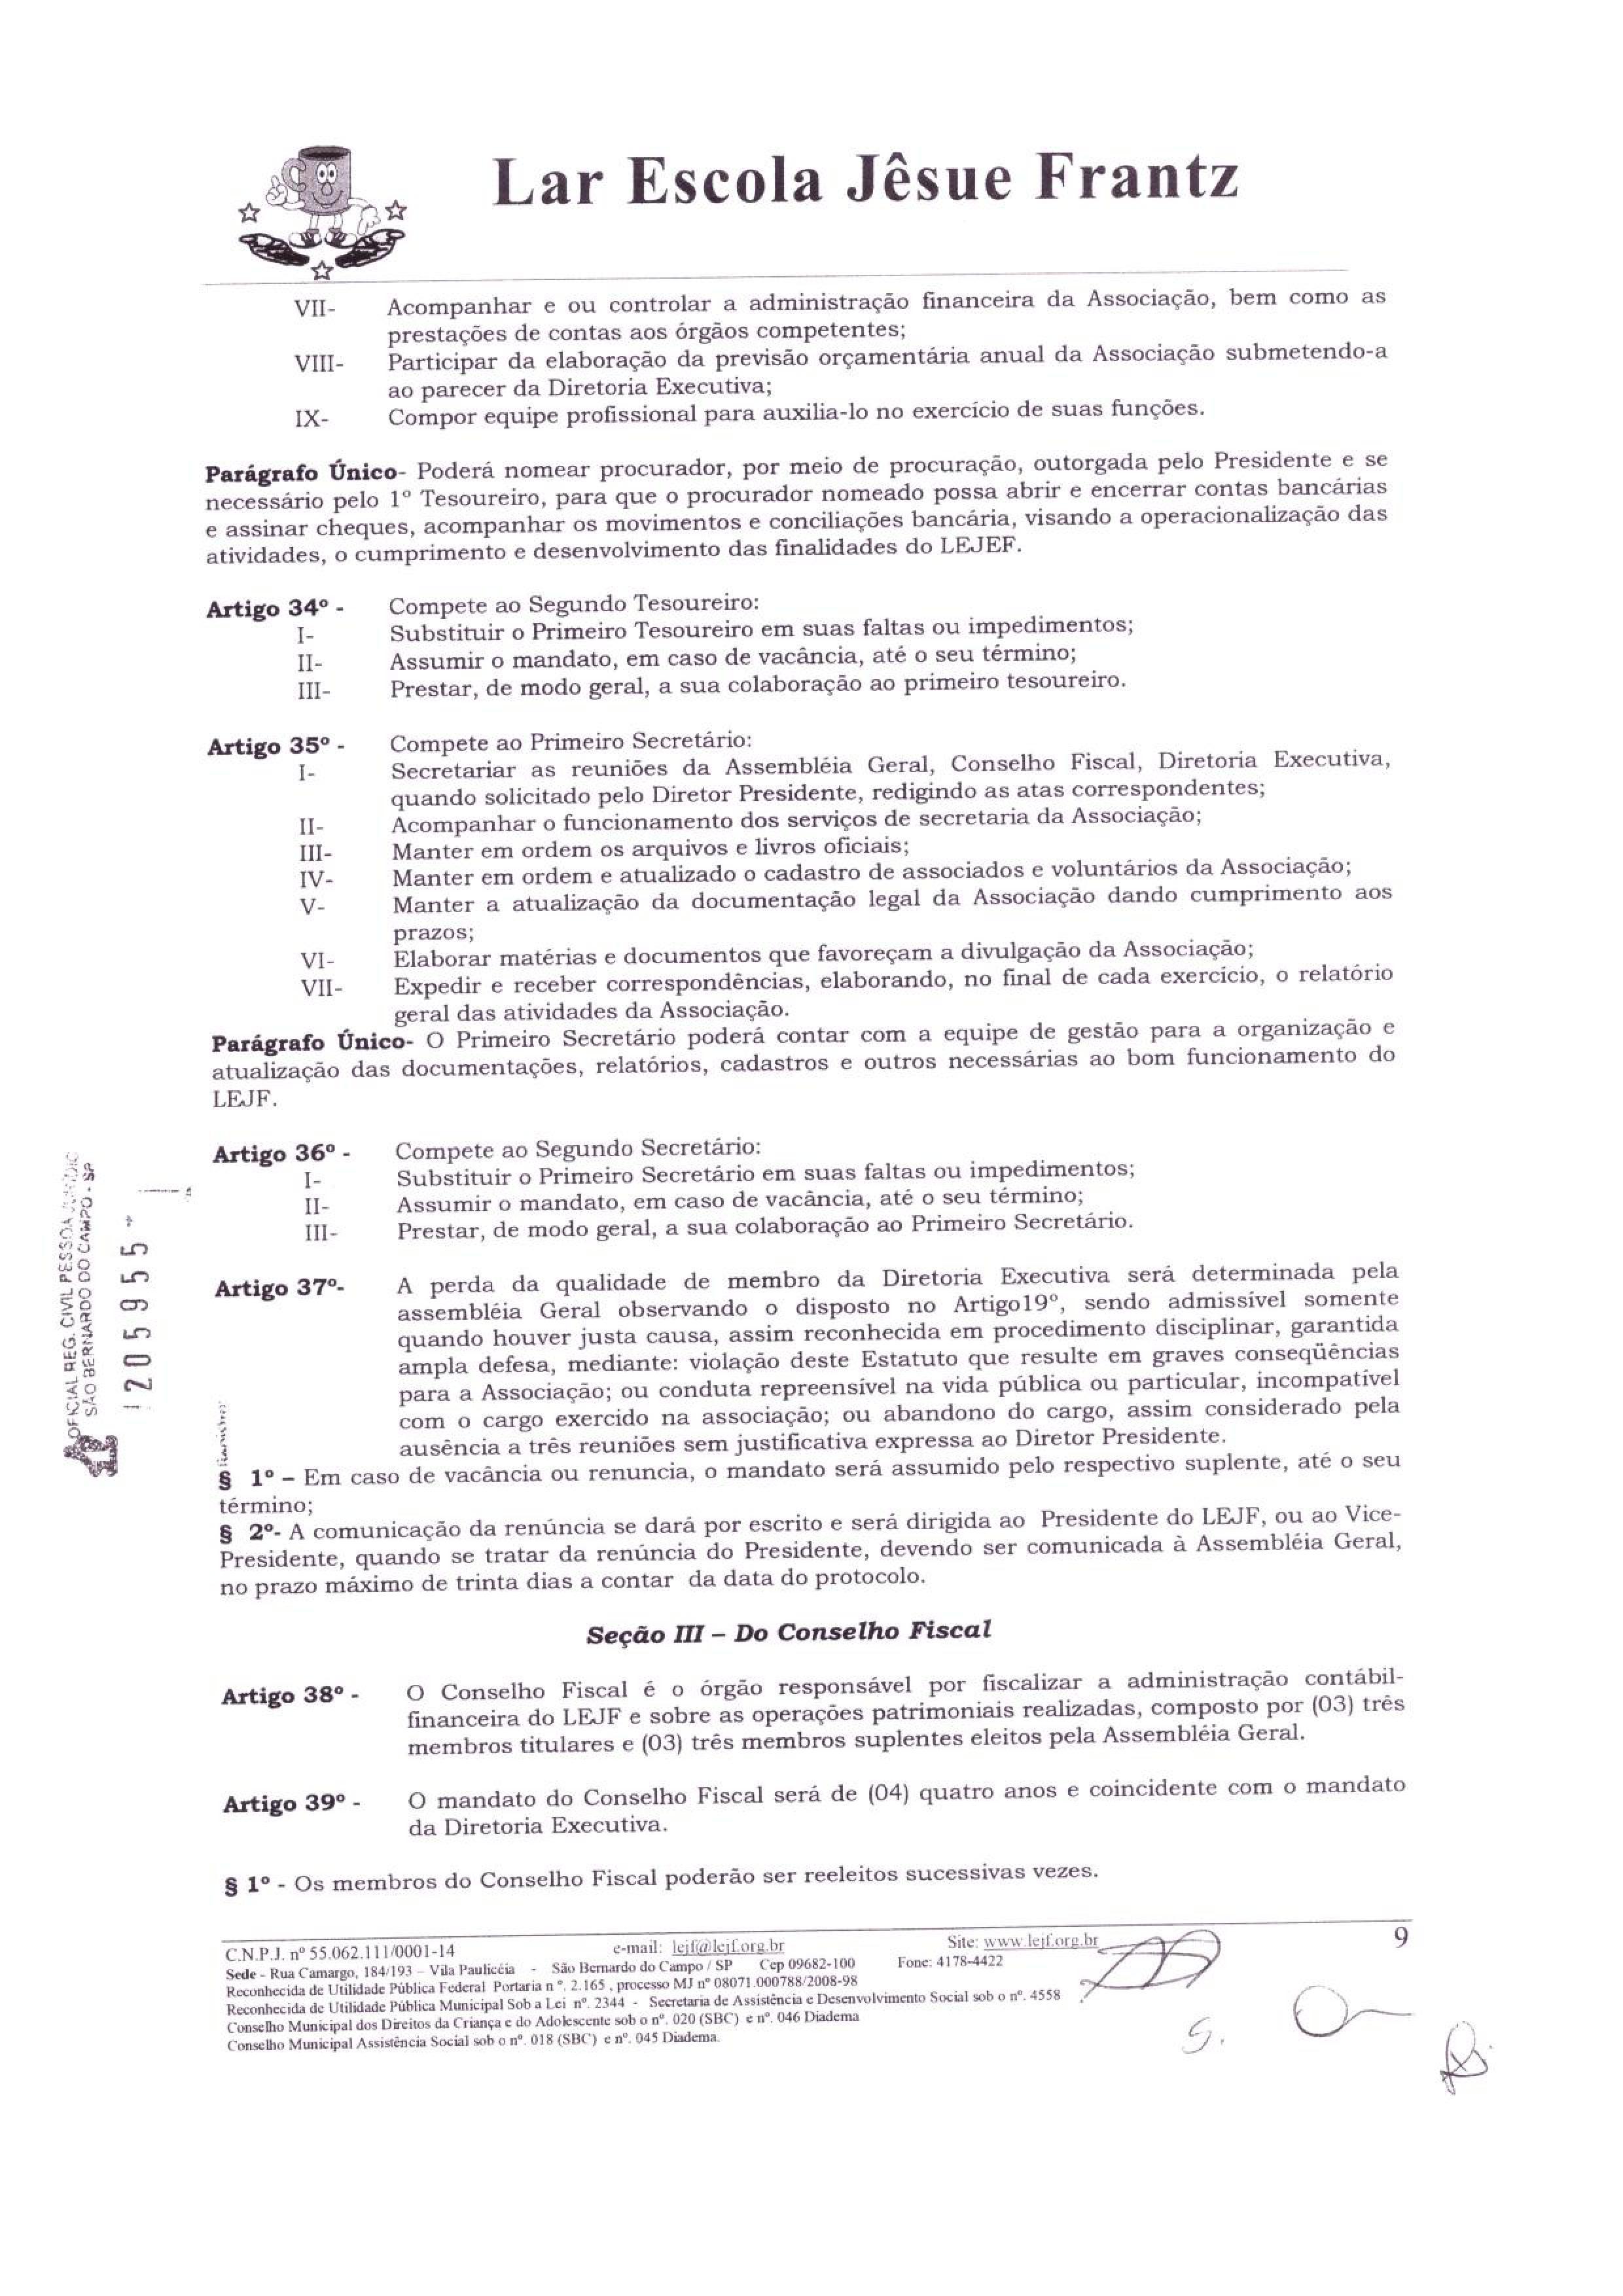 0009 - Estatuto 2018